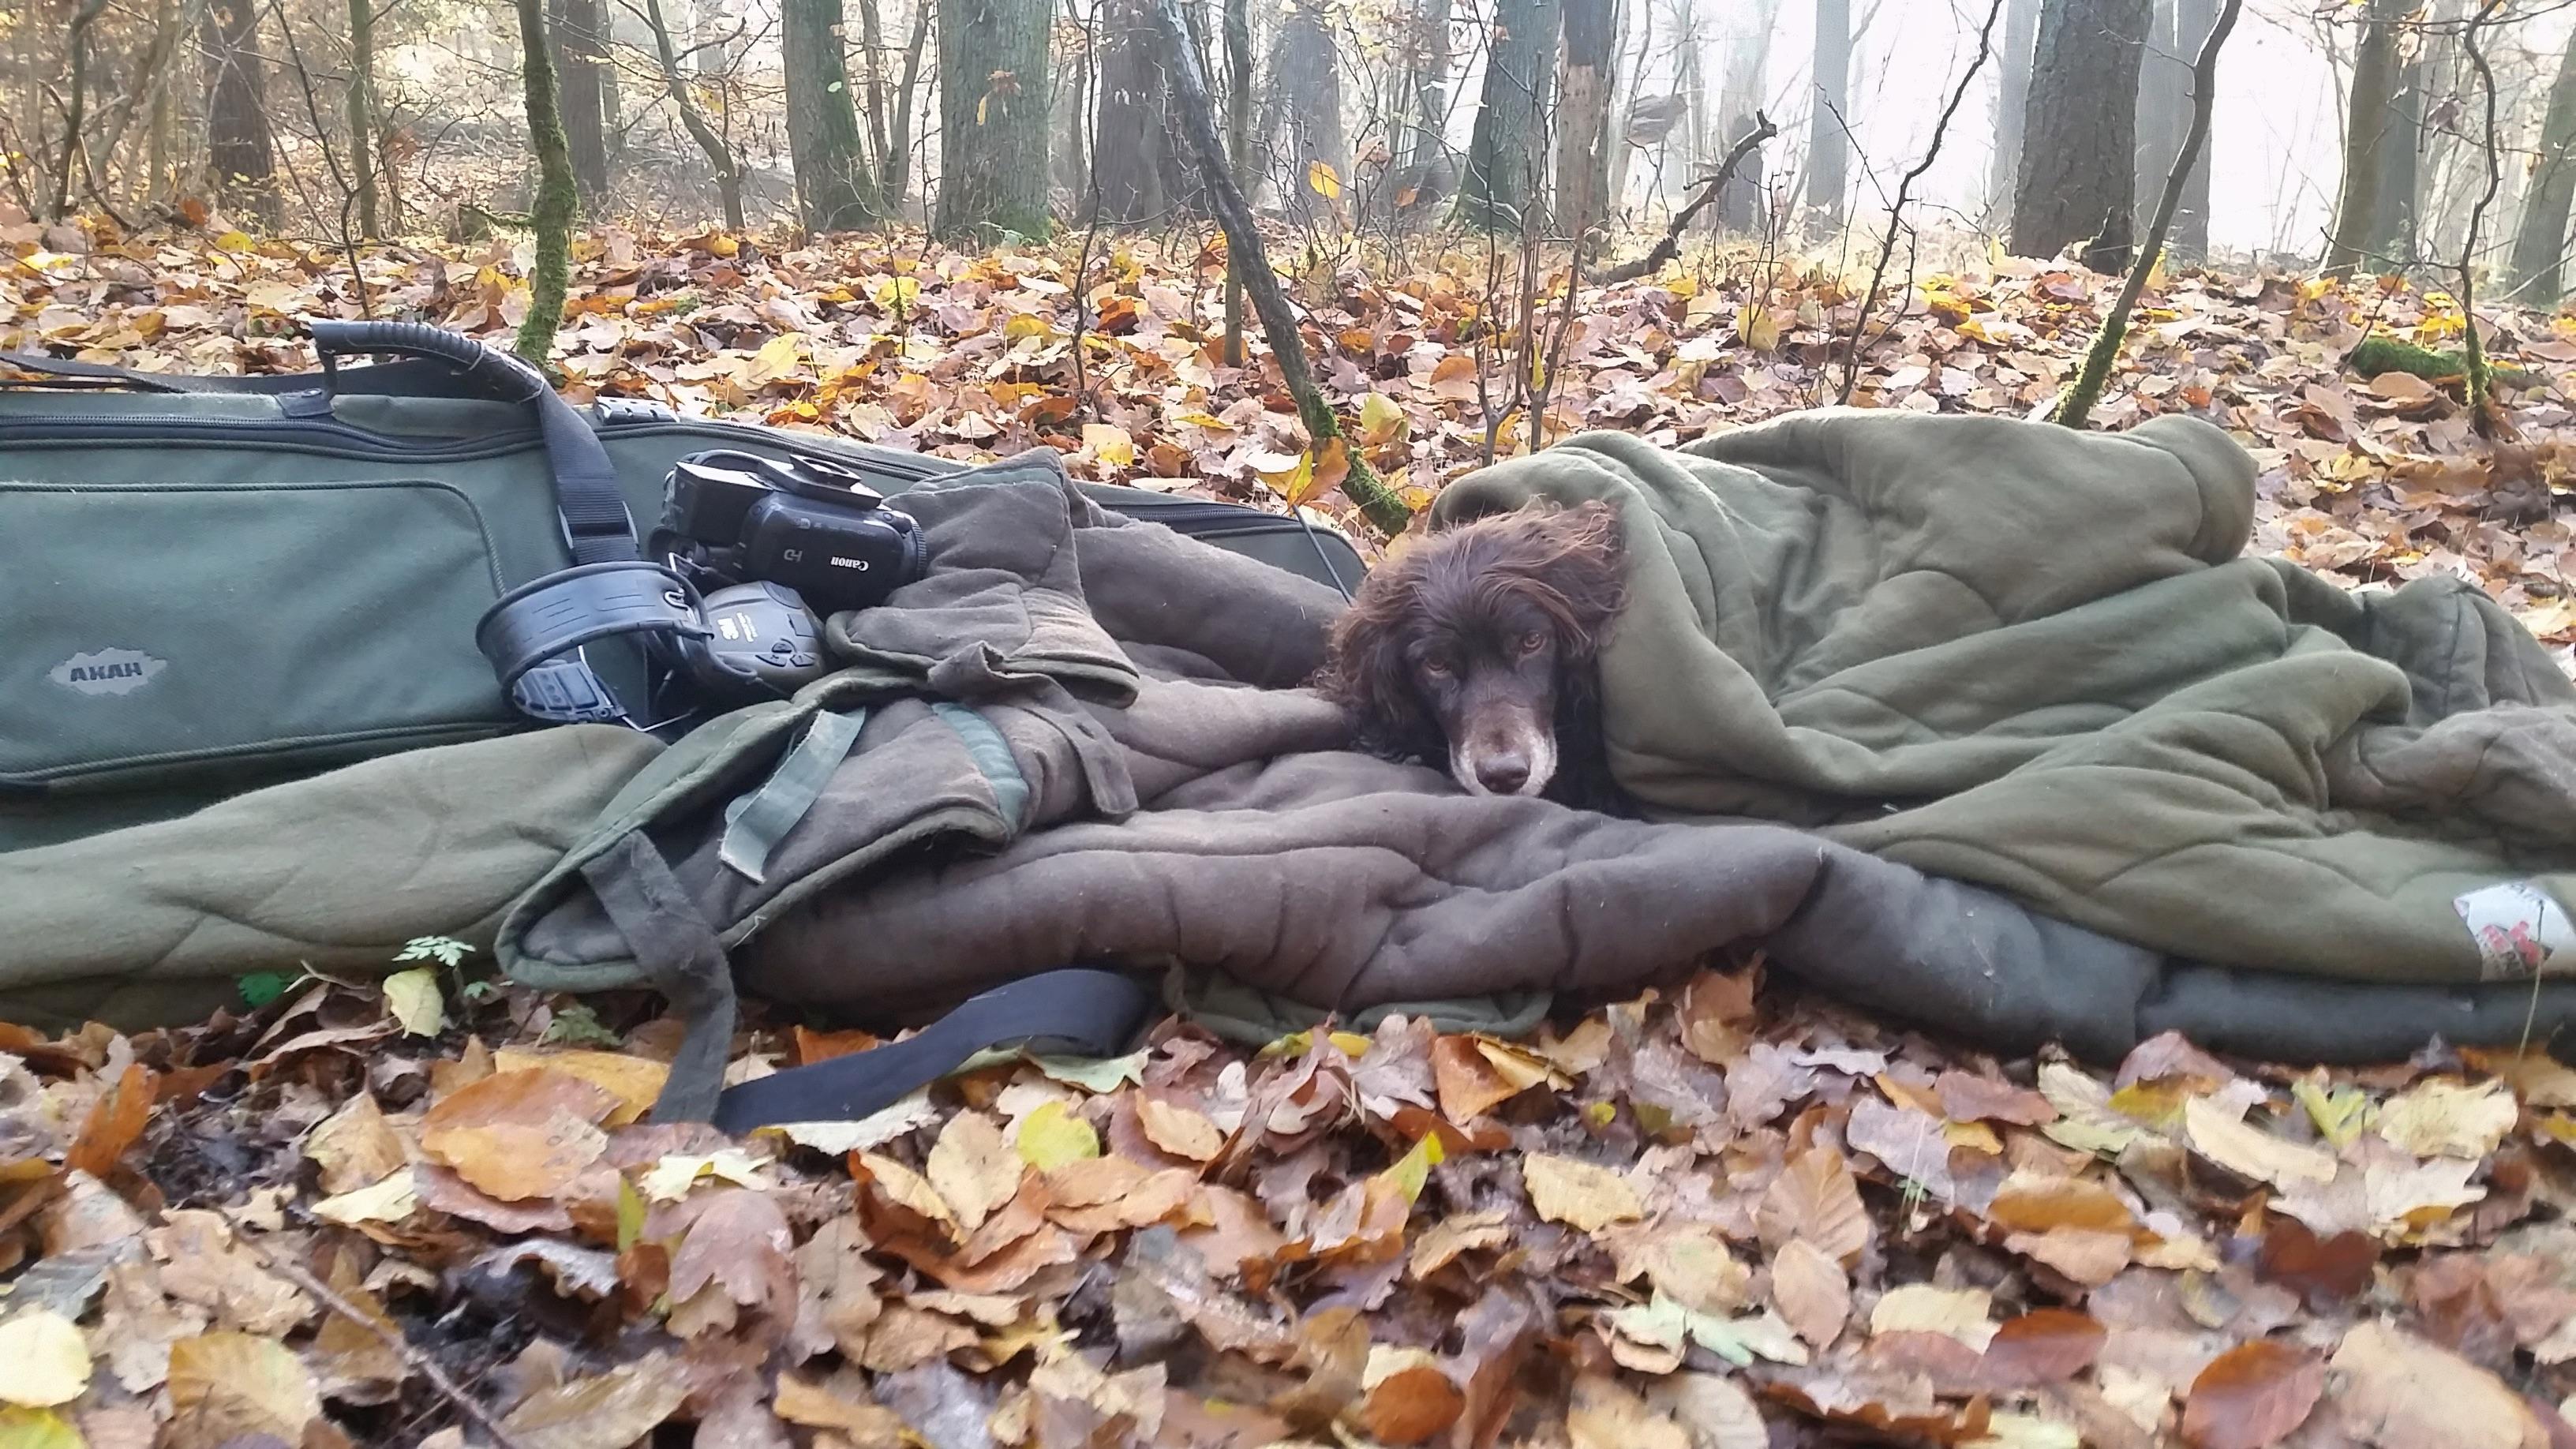 Nach der Jagd am Freitag war unsere Wachtelhündin Ulme fix und fertig. Es war reichlich Wild im Treiben sie hatte sich sichtlich überanstrengt. // Wilddiebe Drückjagd Sauen Treibjagd Schwarzwild